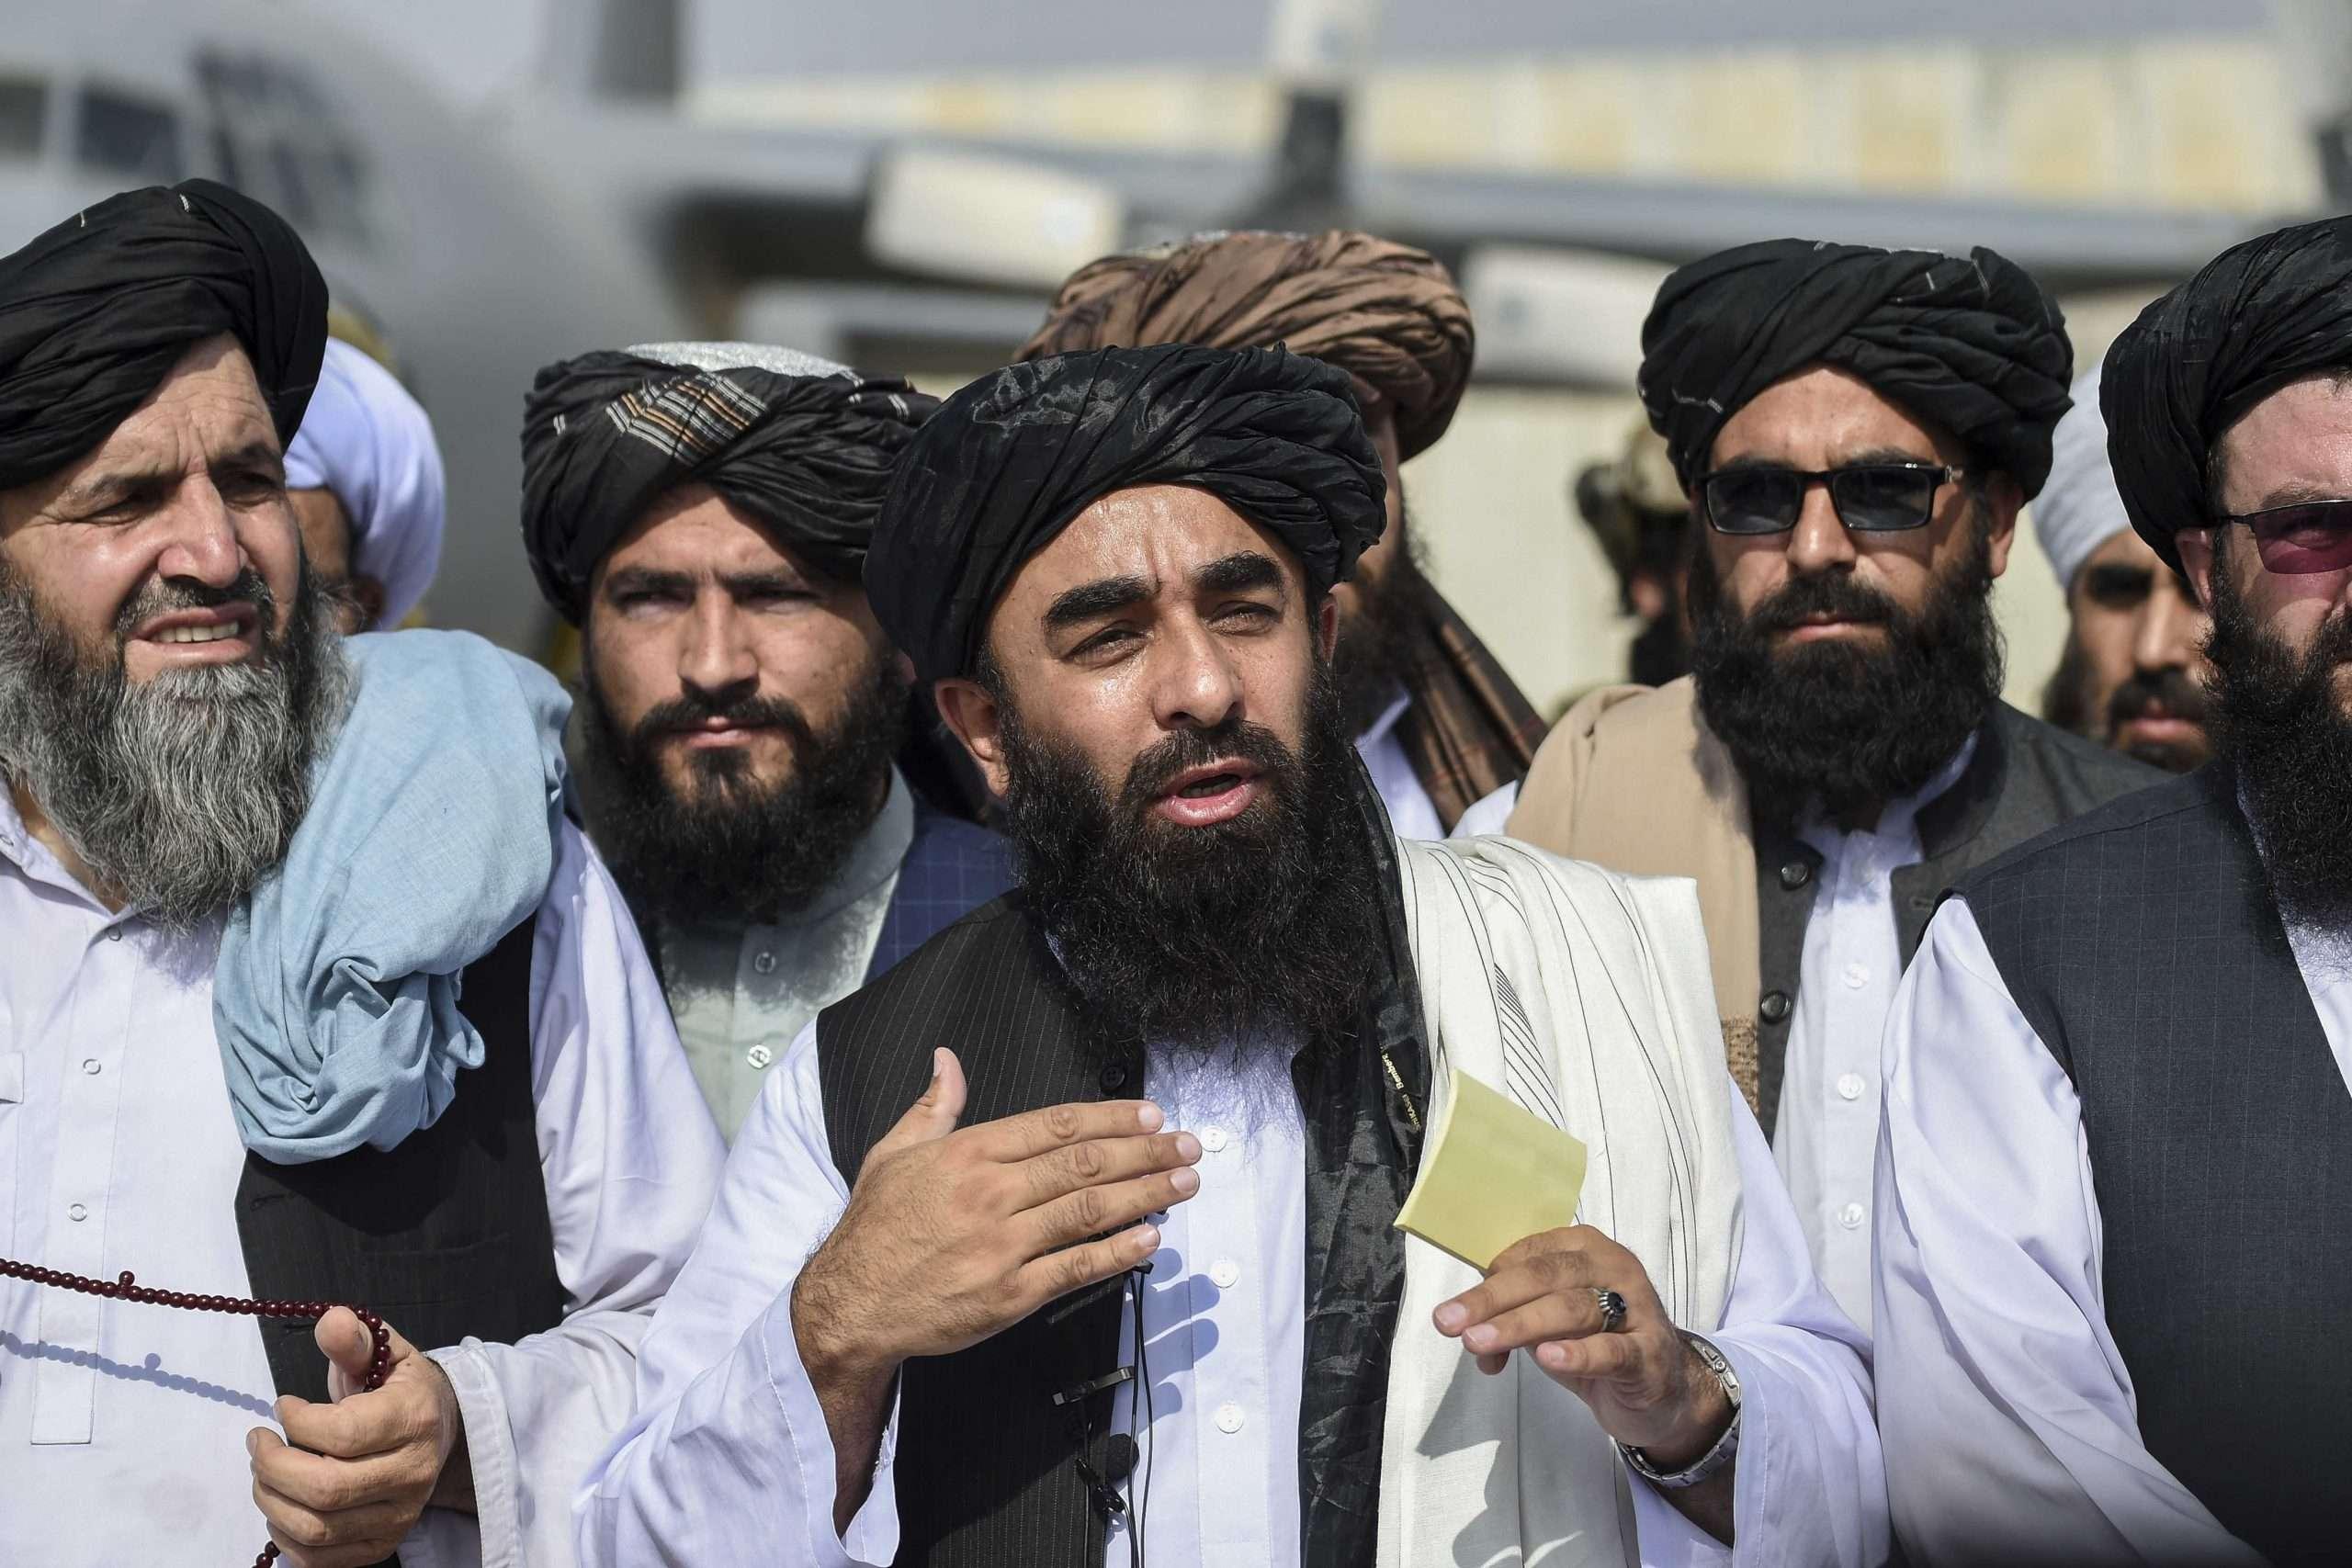 الحكومة الأفغانية: طالبان يمكنها القضاء على داعش, صحيفة عربية -بروفايل نيوز